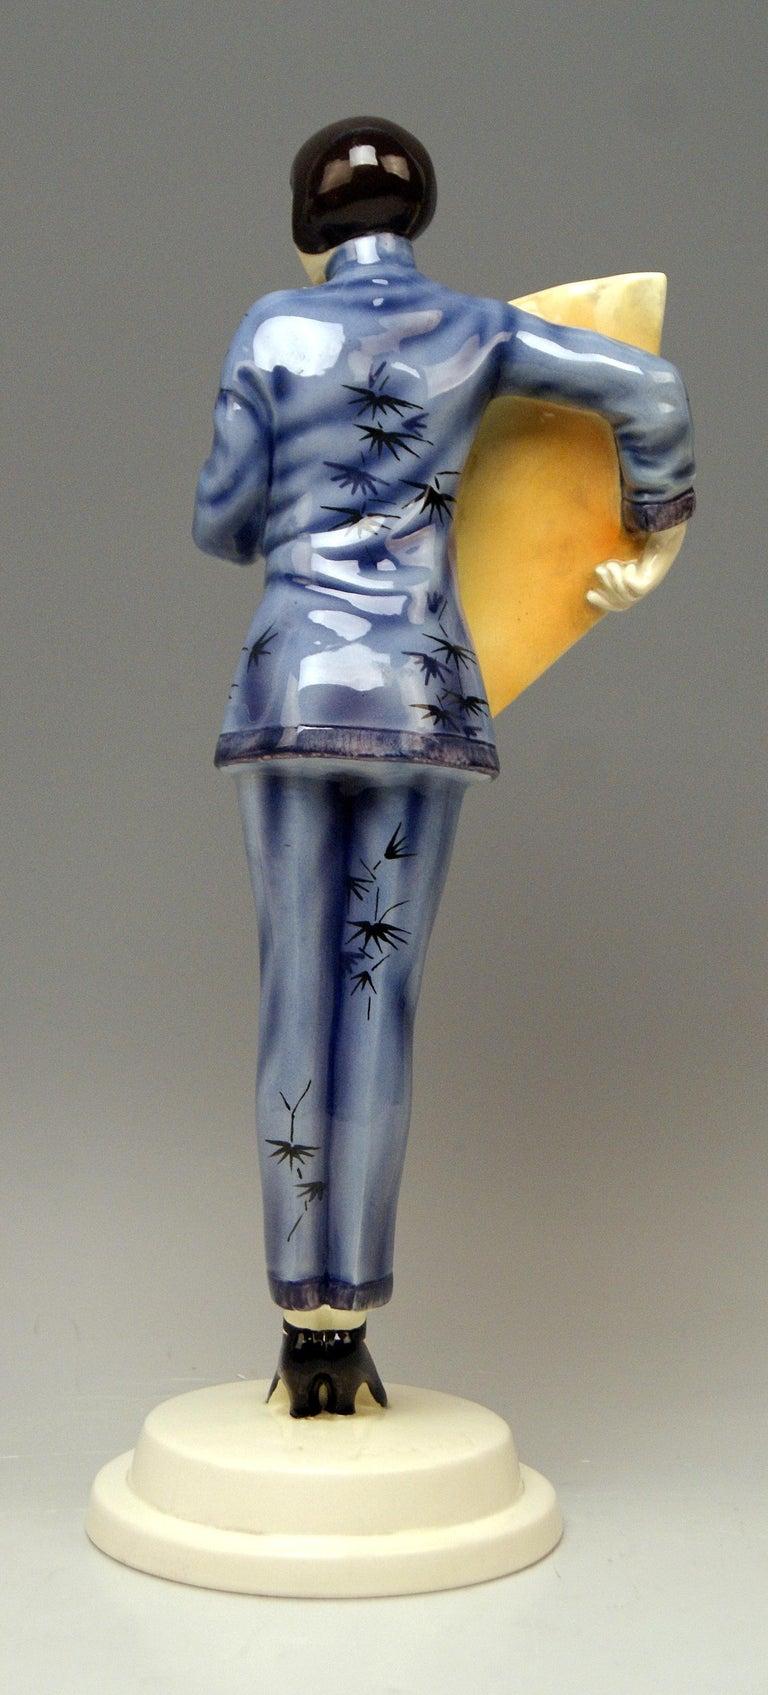 Austrian Goldscheider Vienna Lady Clad in Japanese Costume Model 5870 Lorenzl, circa 1930 For Sale